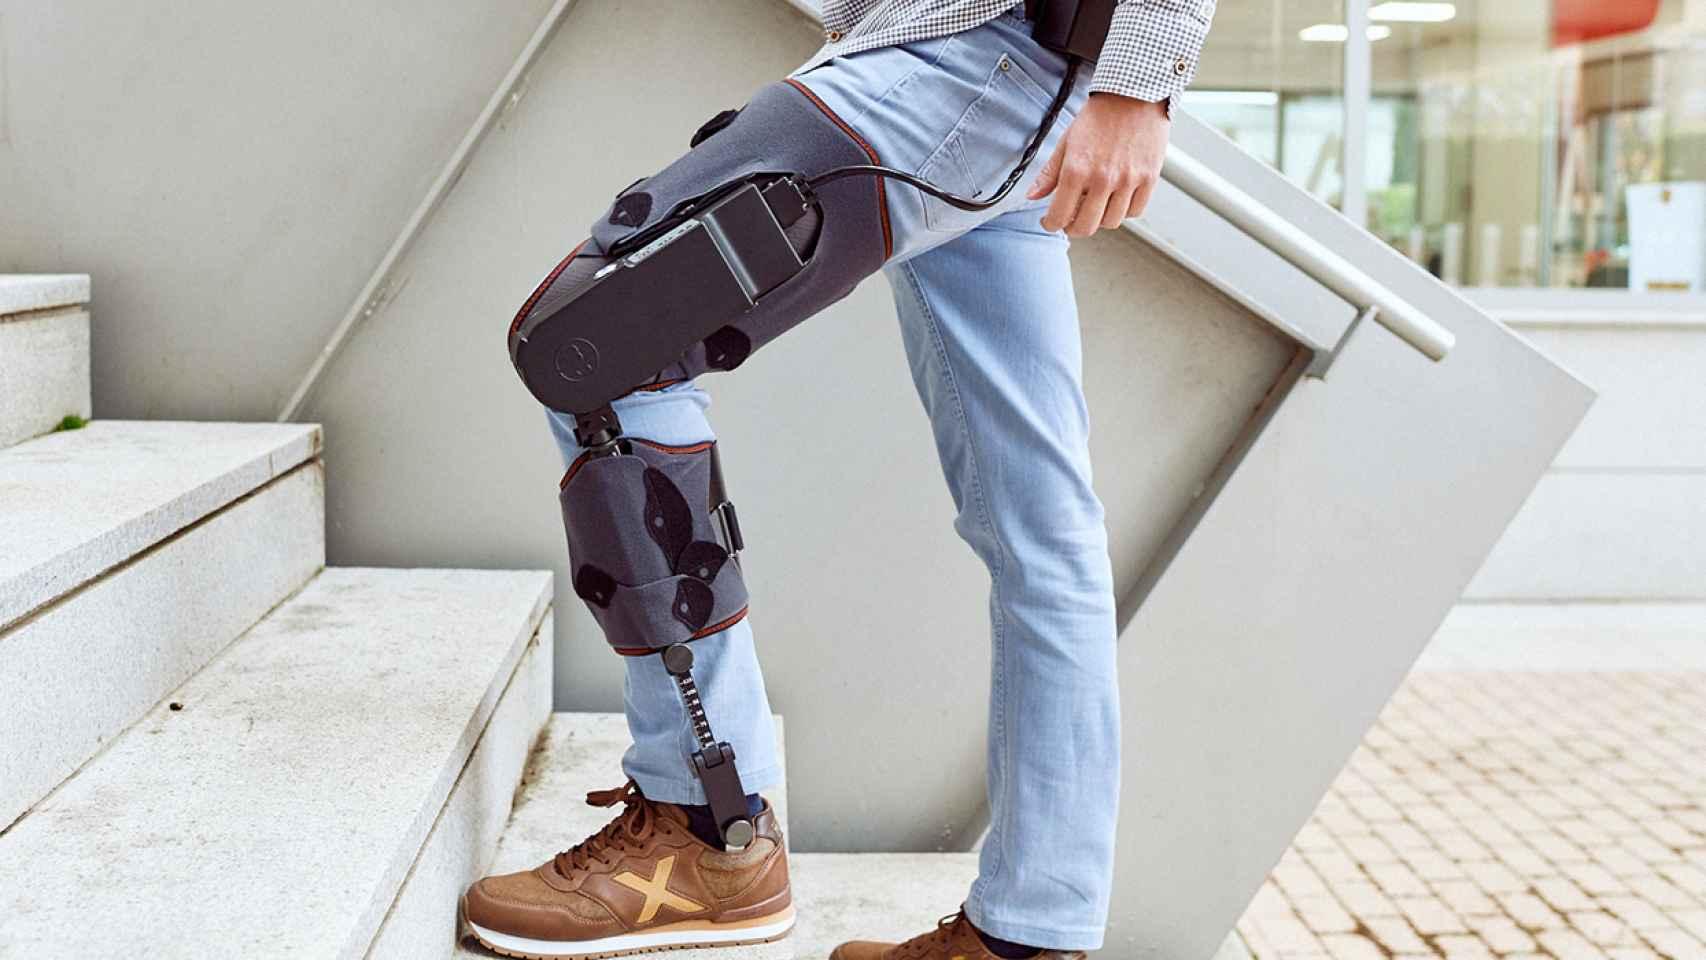 MAK es el nuevo exoesqueleto de rodilla desarrollado por la española Marsi Bionics.